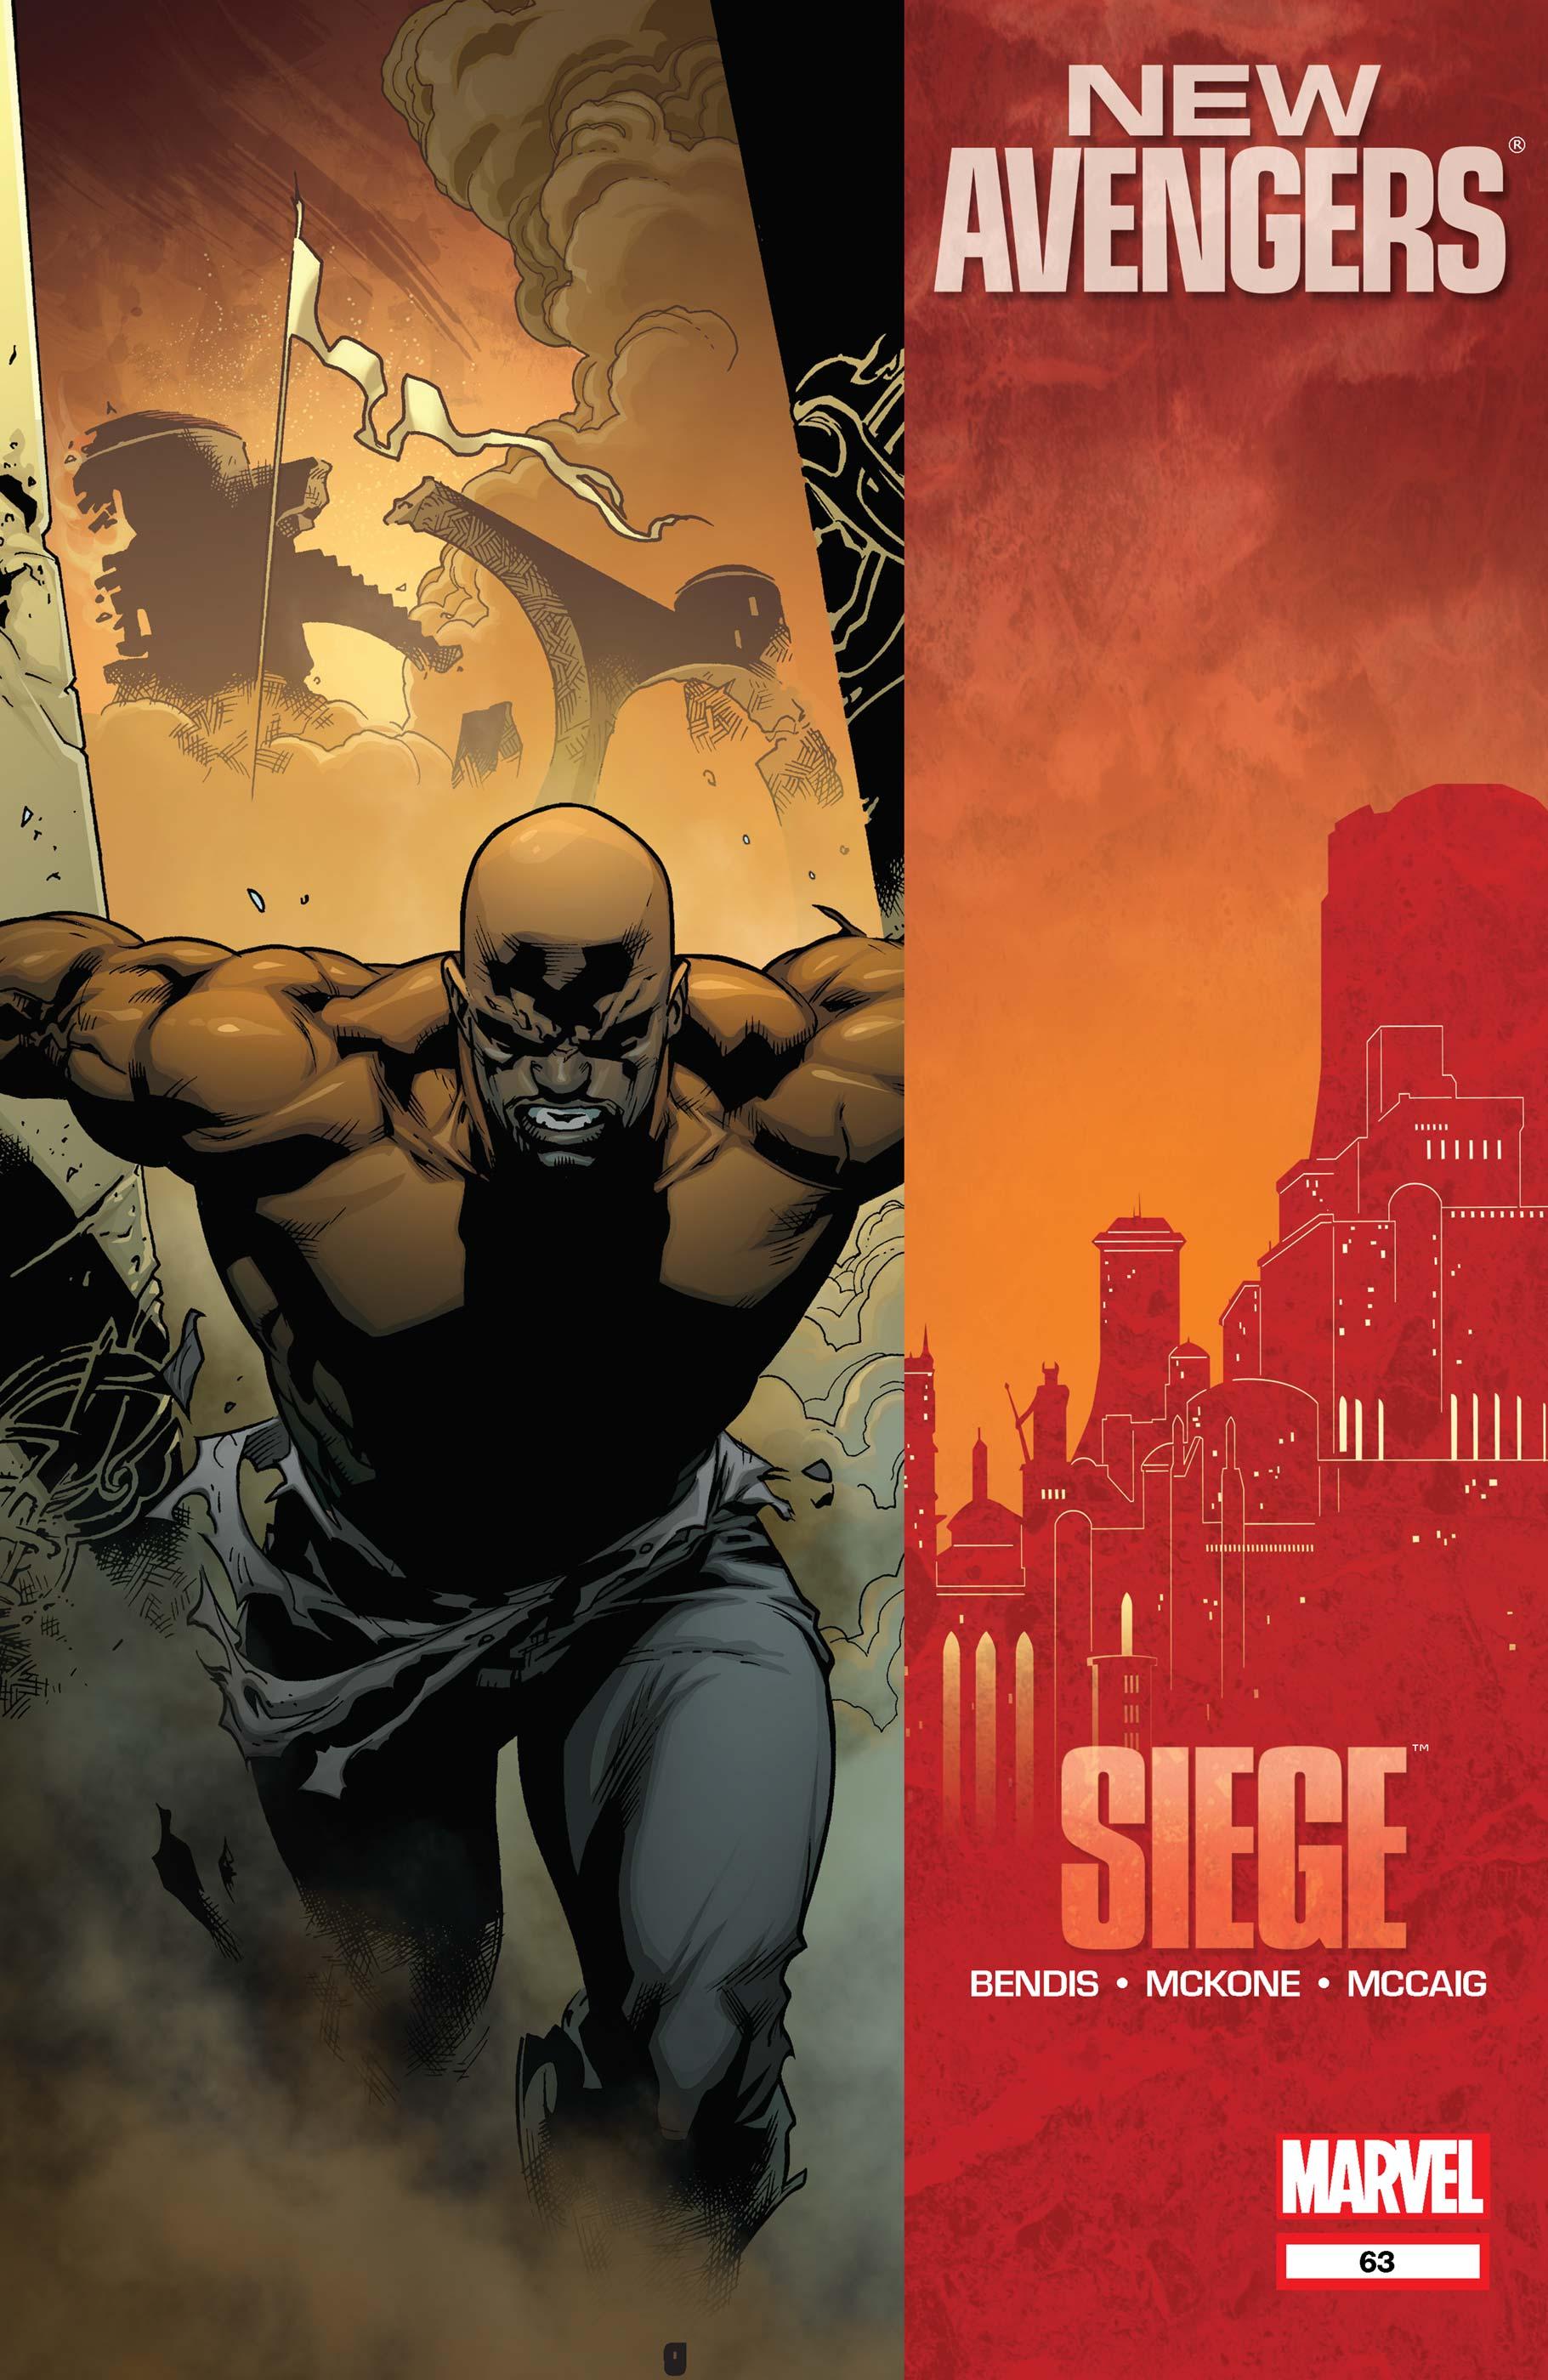 New Avengers (2004) #63